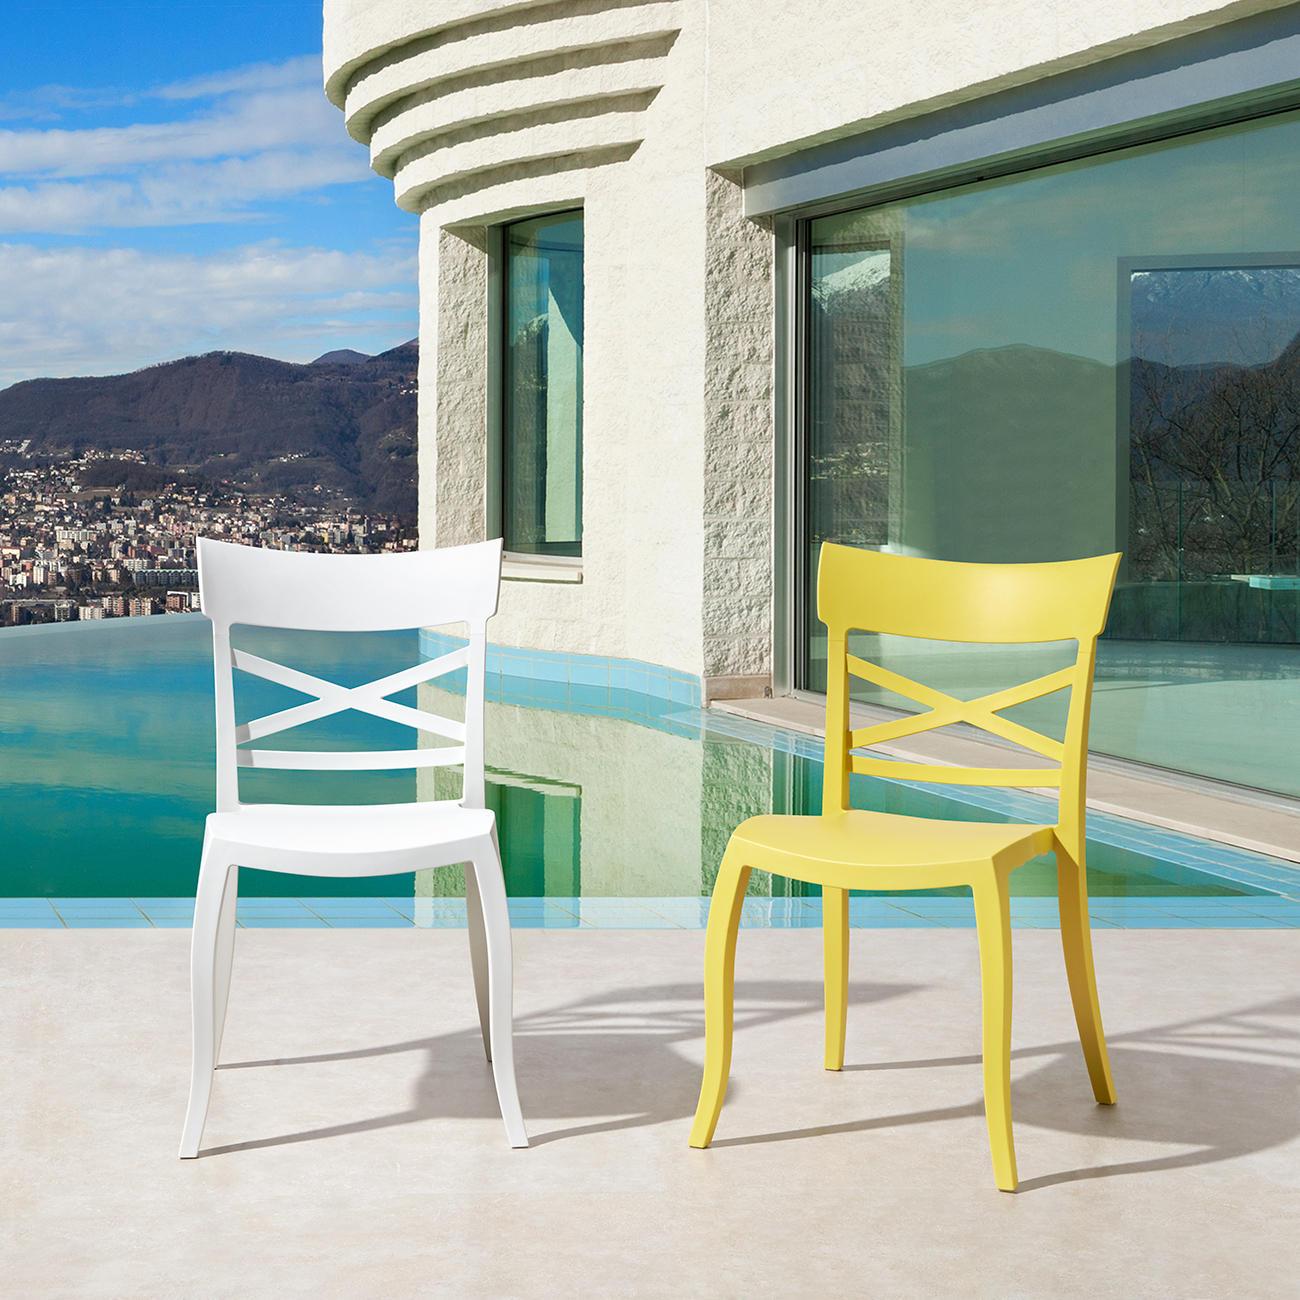 Acheter Chaise design intérieur extérieur en ligne pas cher